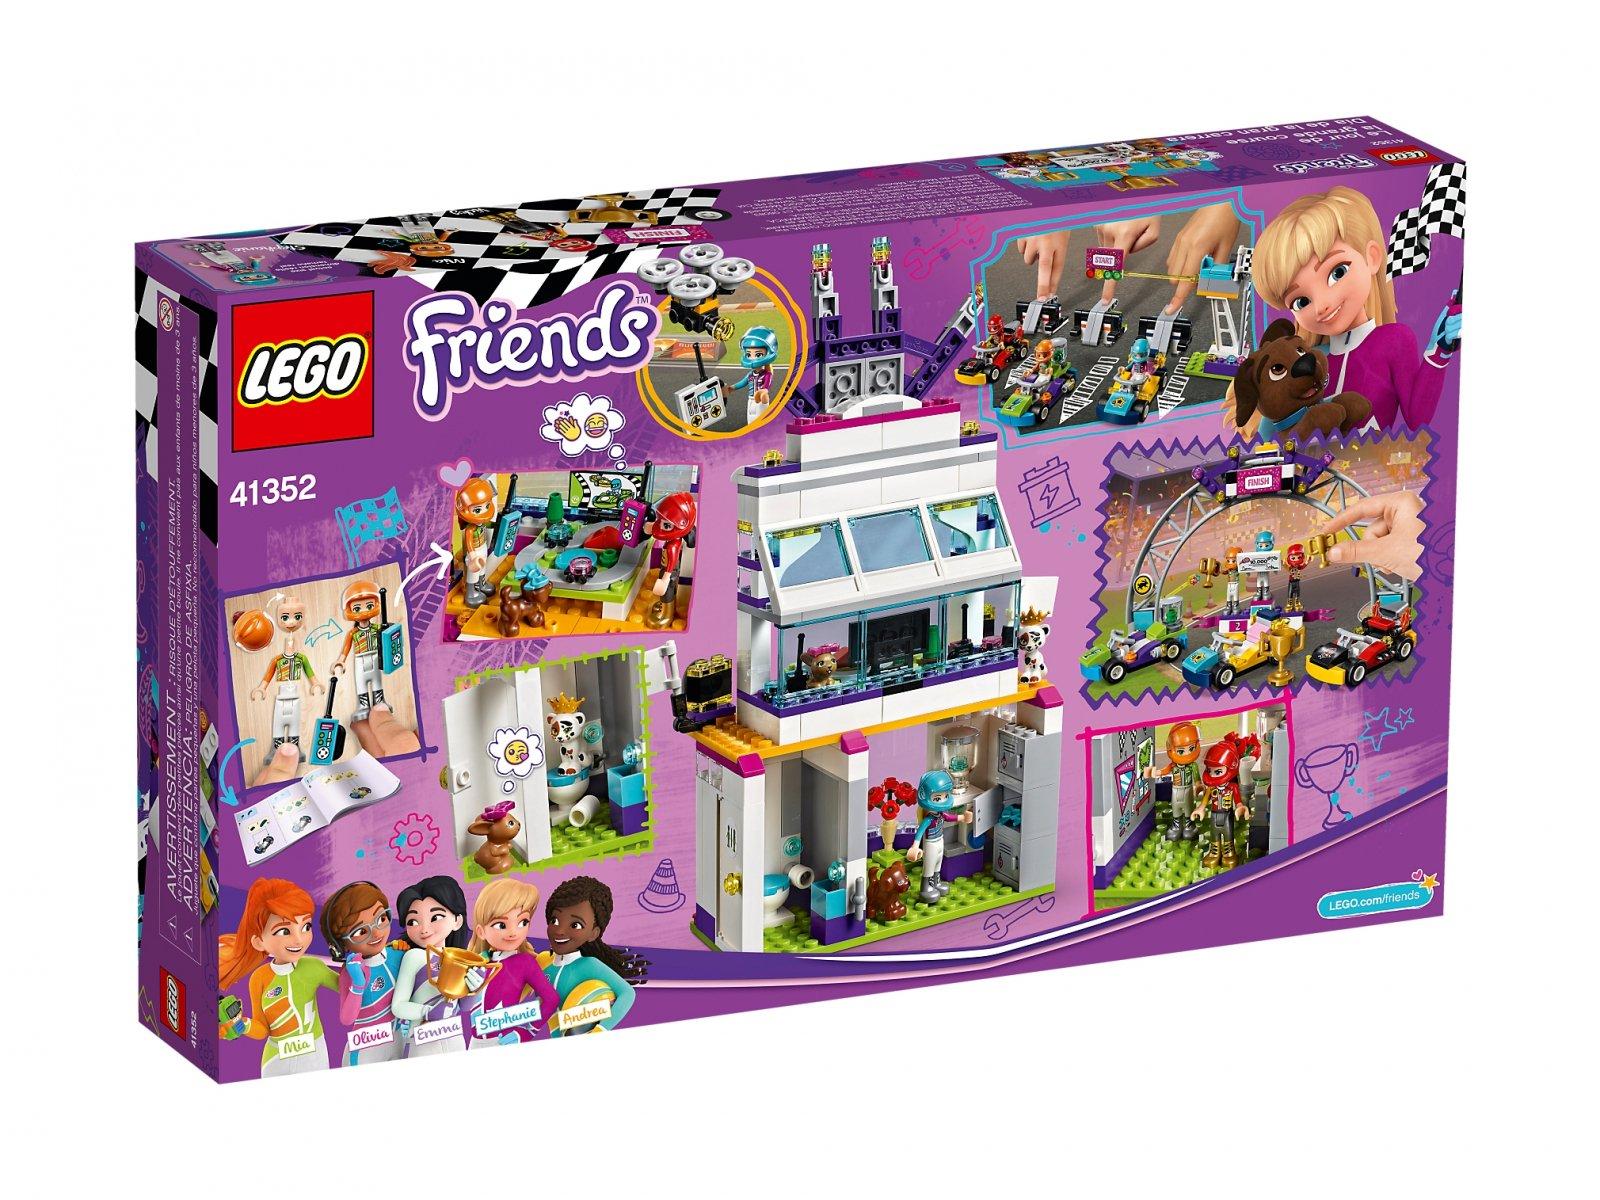 LEGO 41352 Friends Dzień wielkiego wyścigu